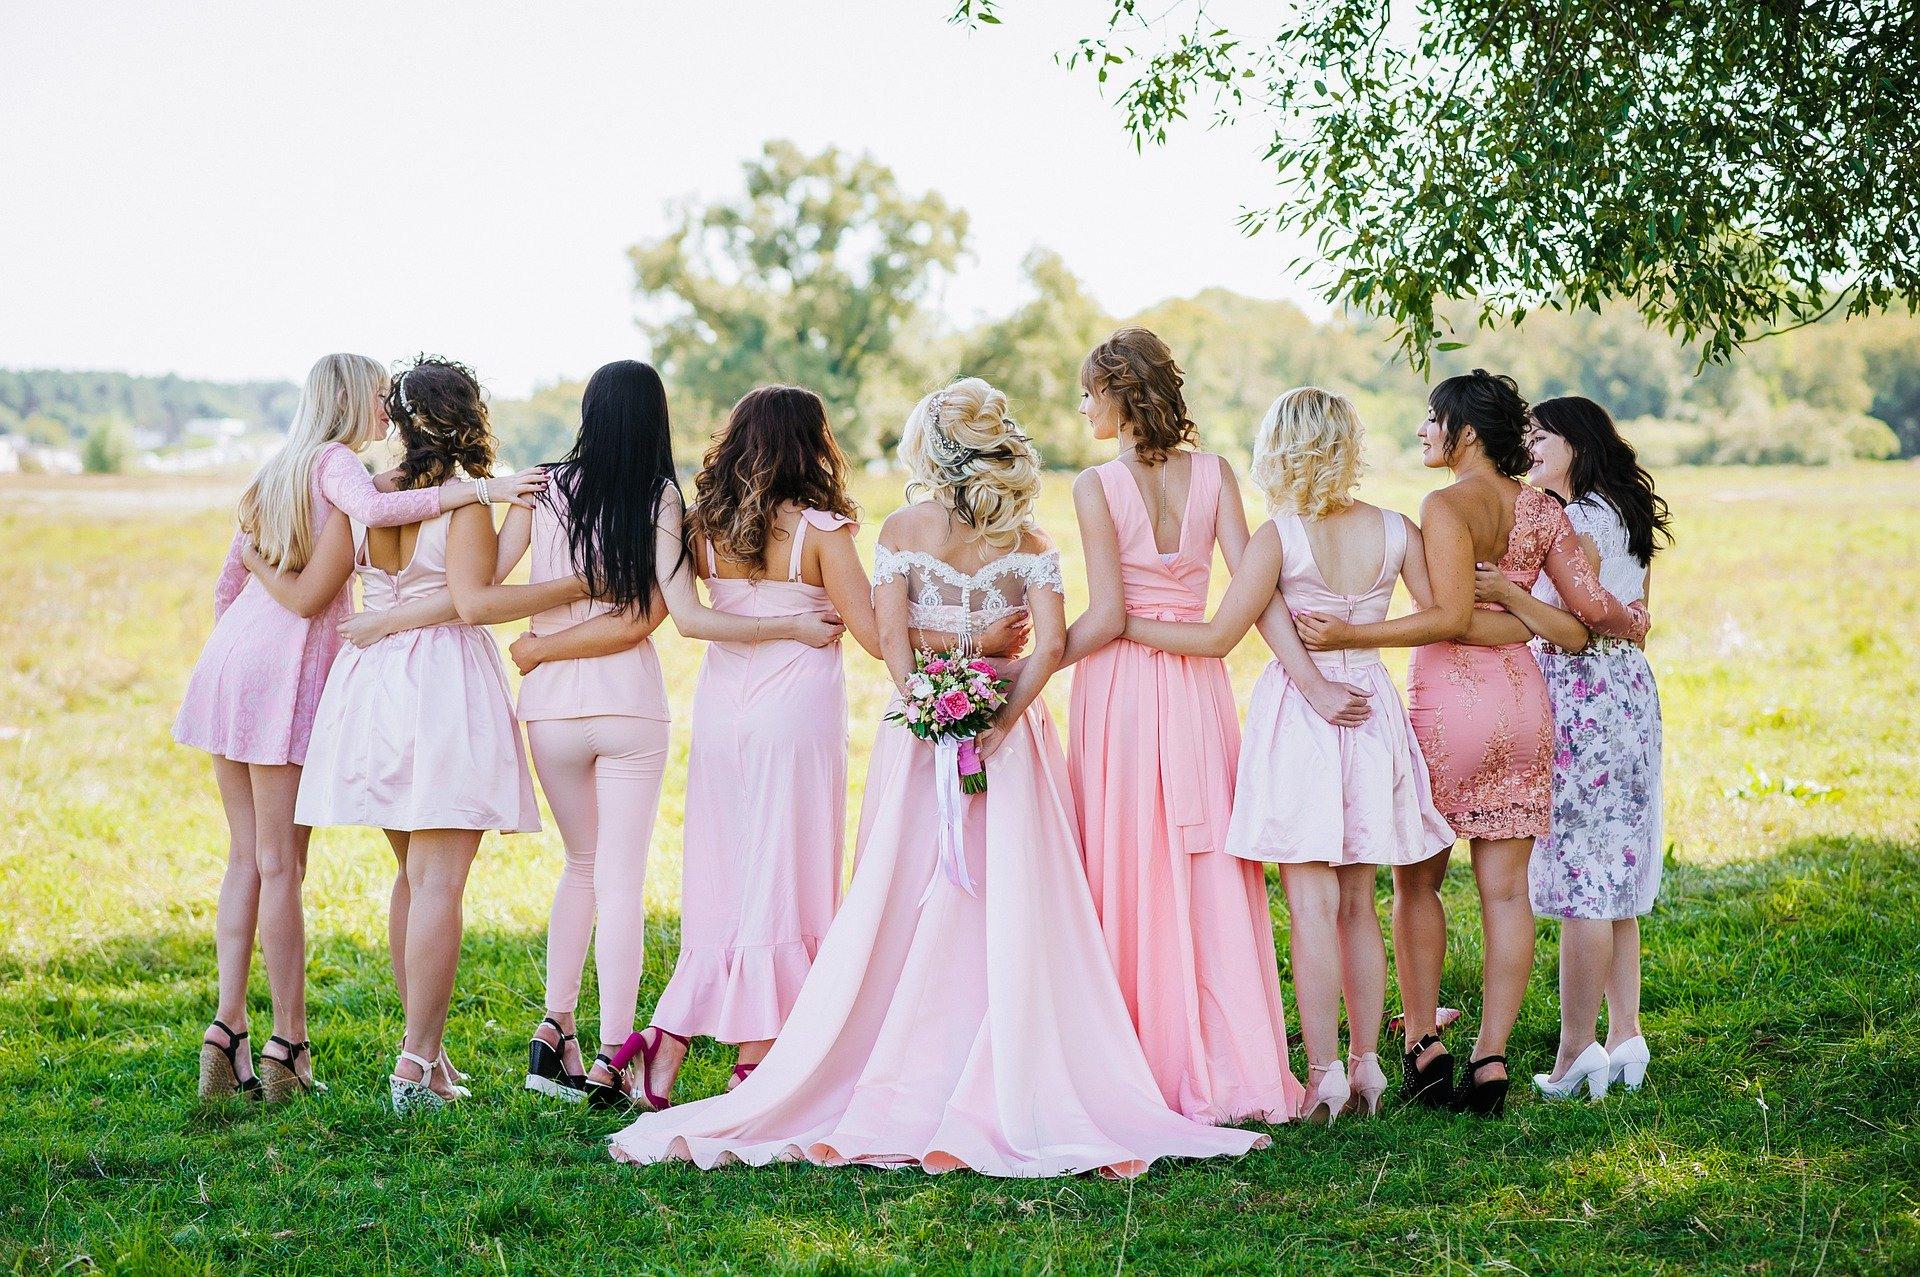 Festliche Kleider Zur Hochzeit Damen Aufgepasst